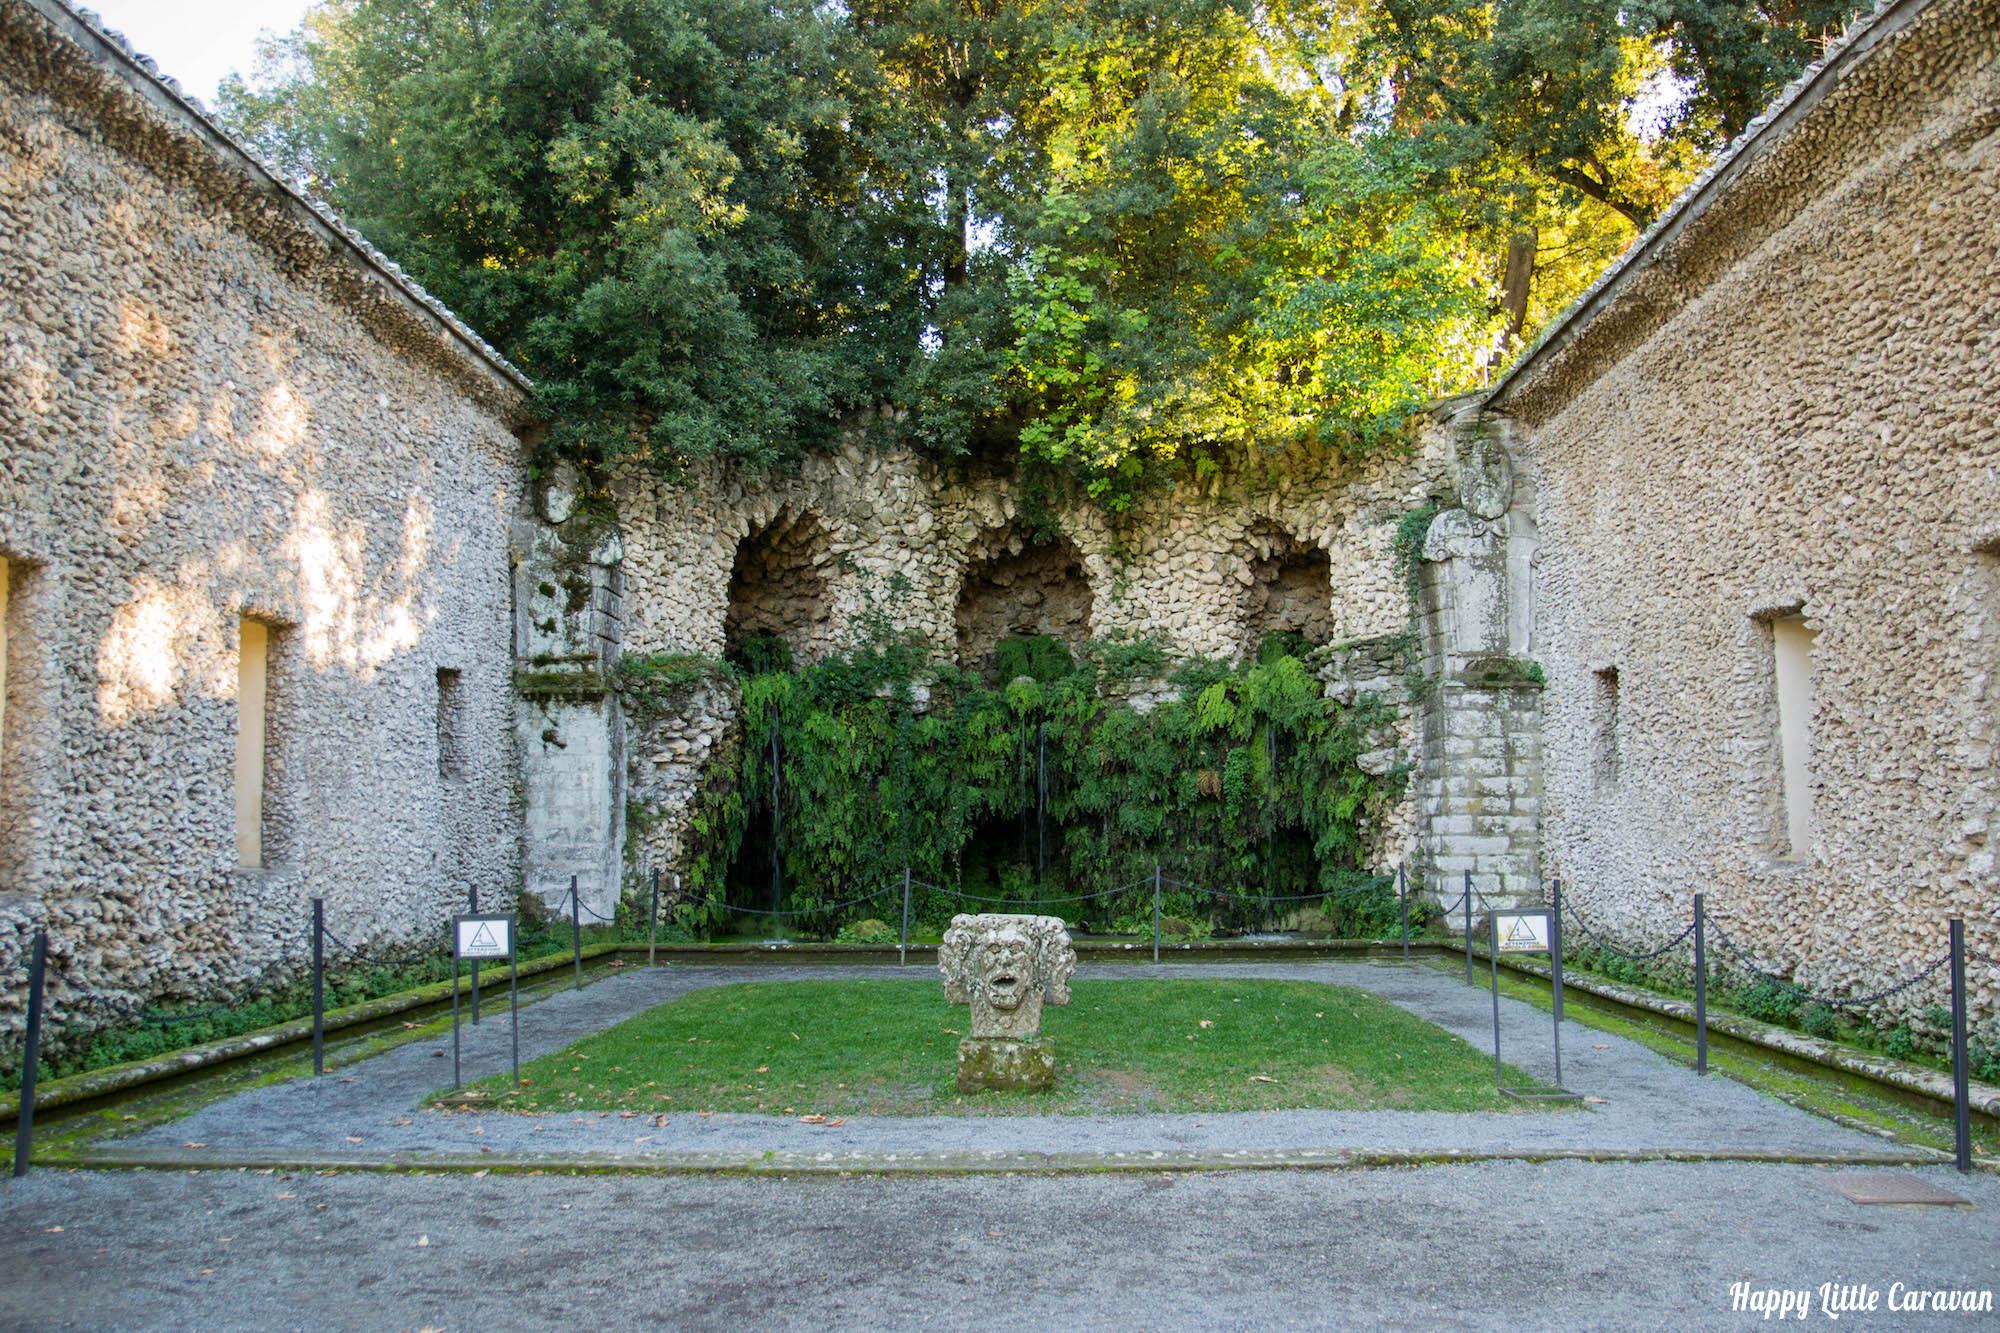 Il giardino all 39 italiana di villa lante bagnaia vt - Giardino all italiana ...